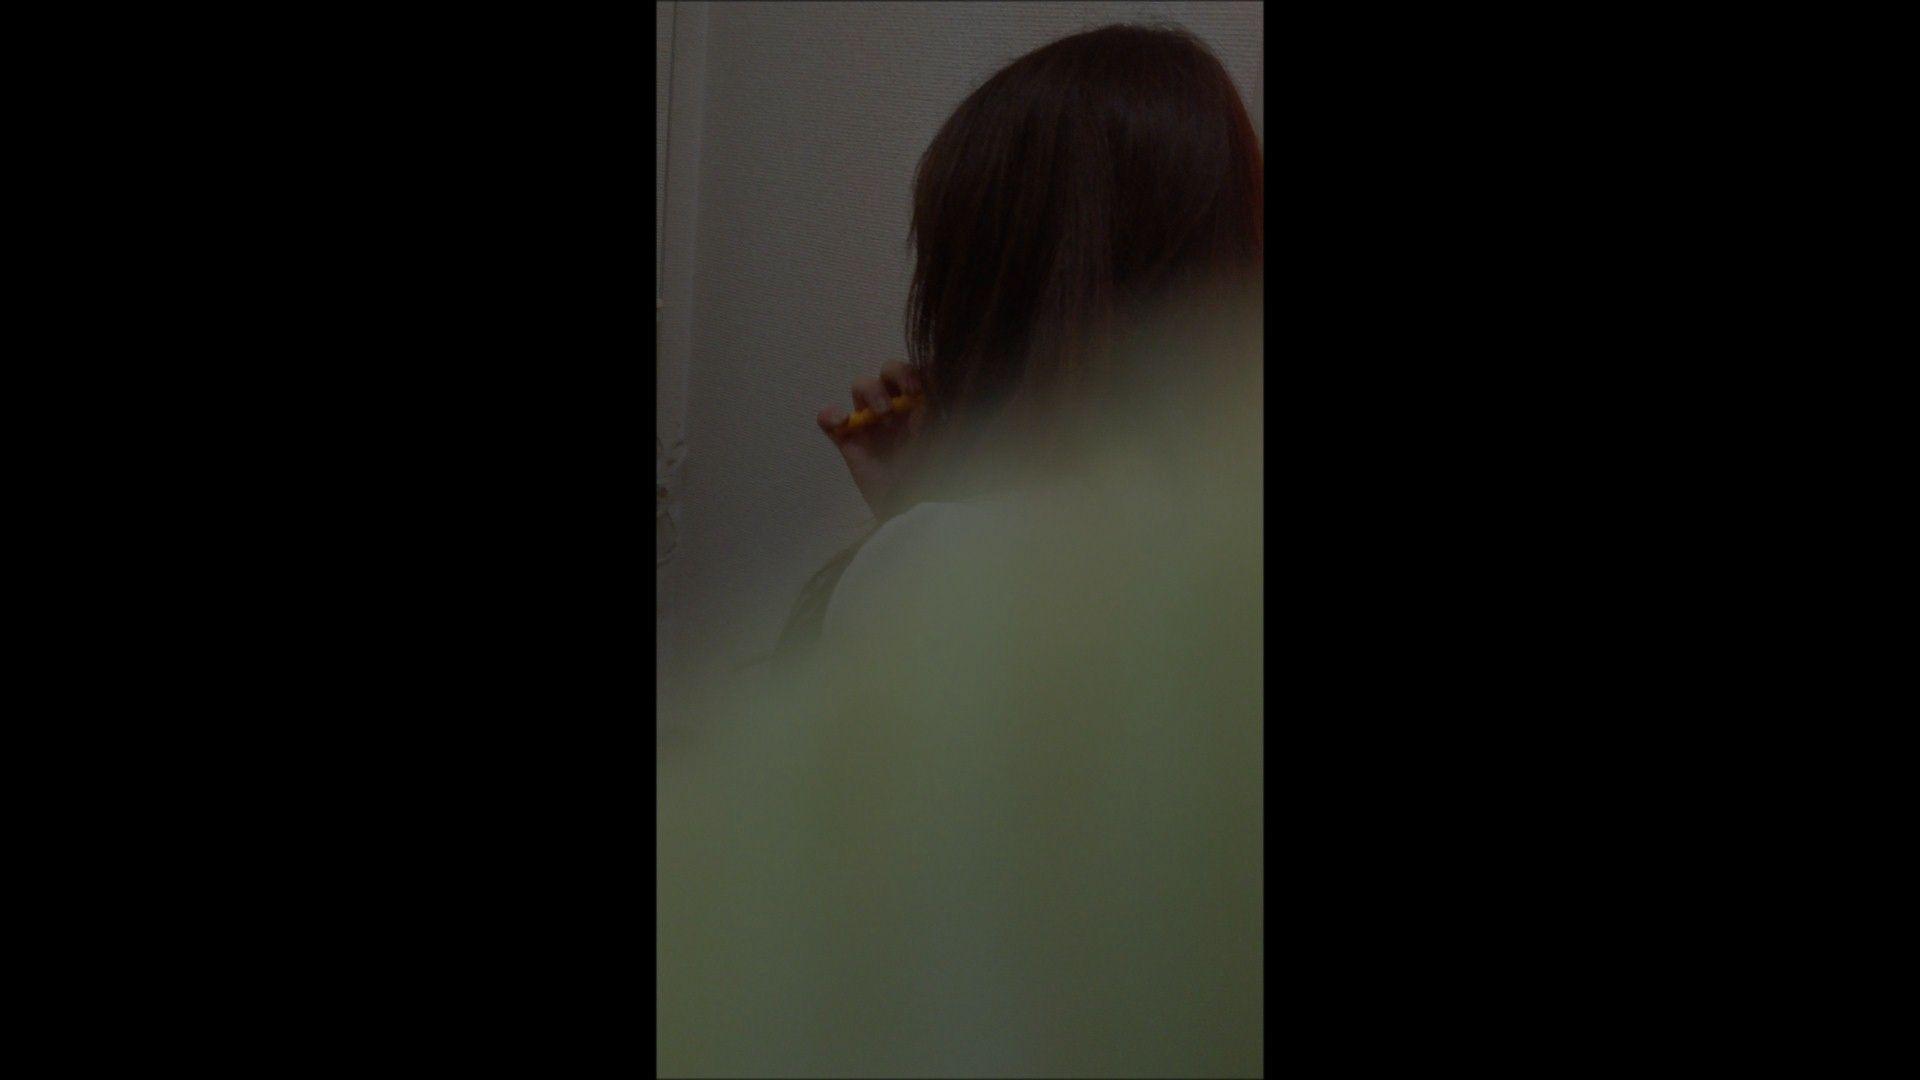 08(8日目)メイク中の彼女の顔を撮りました! いやらしいOL | いやらしい熟女  51連発 5